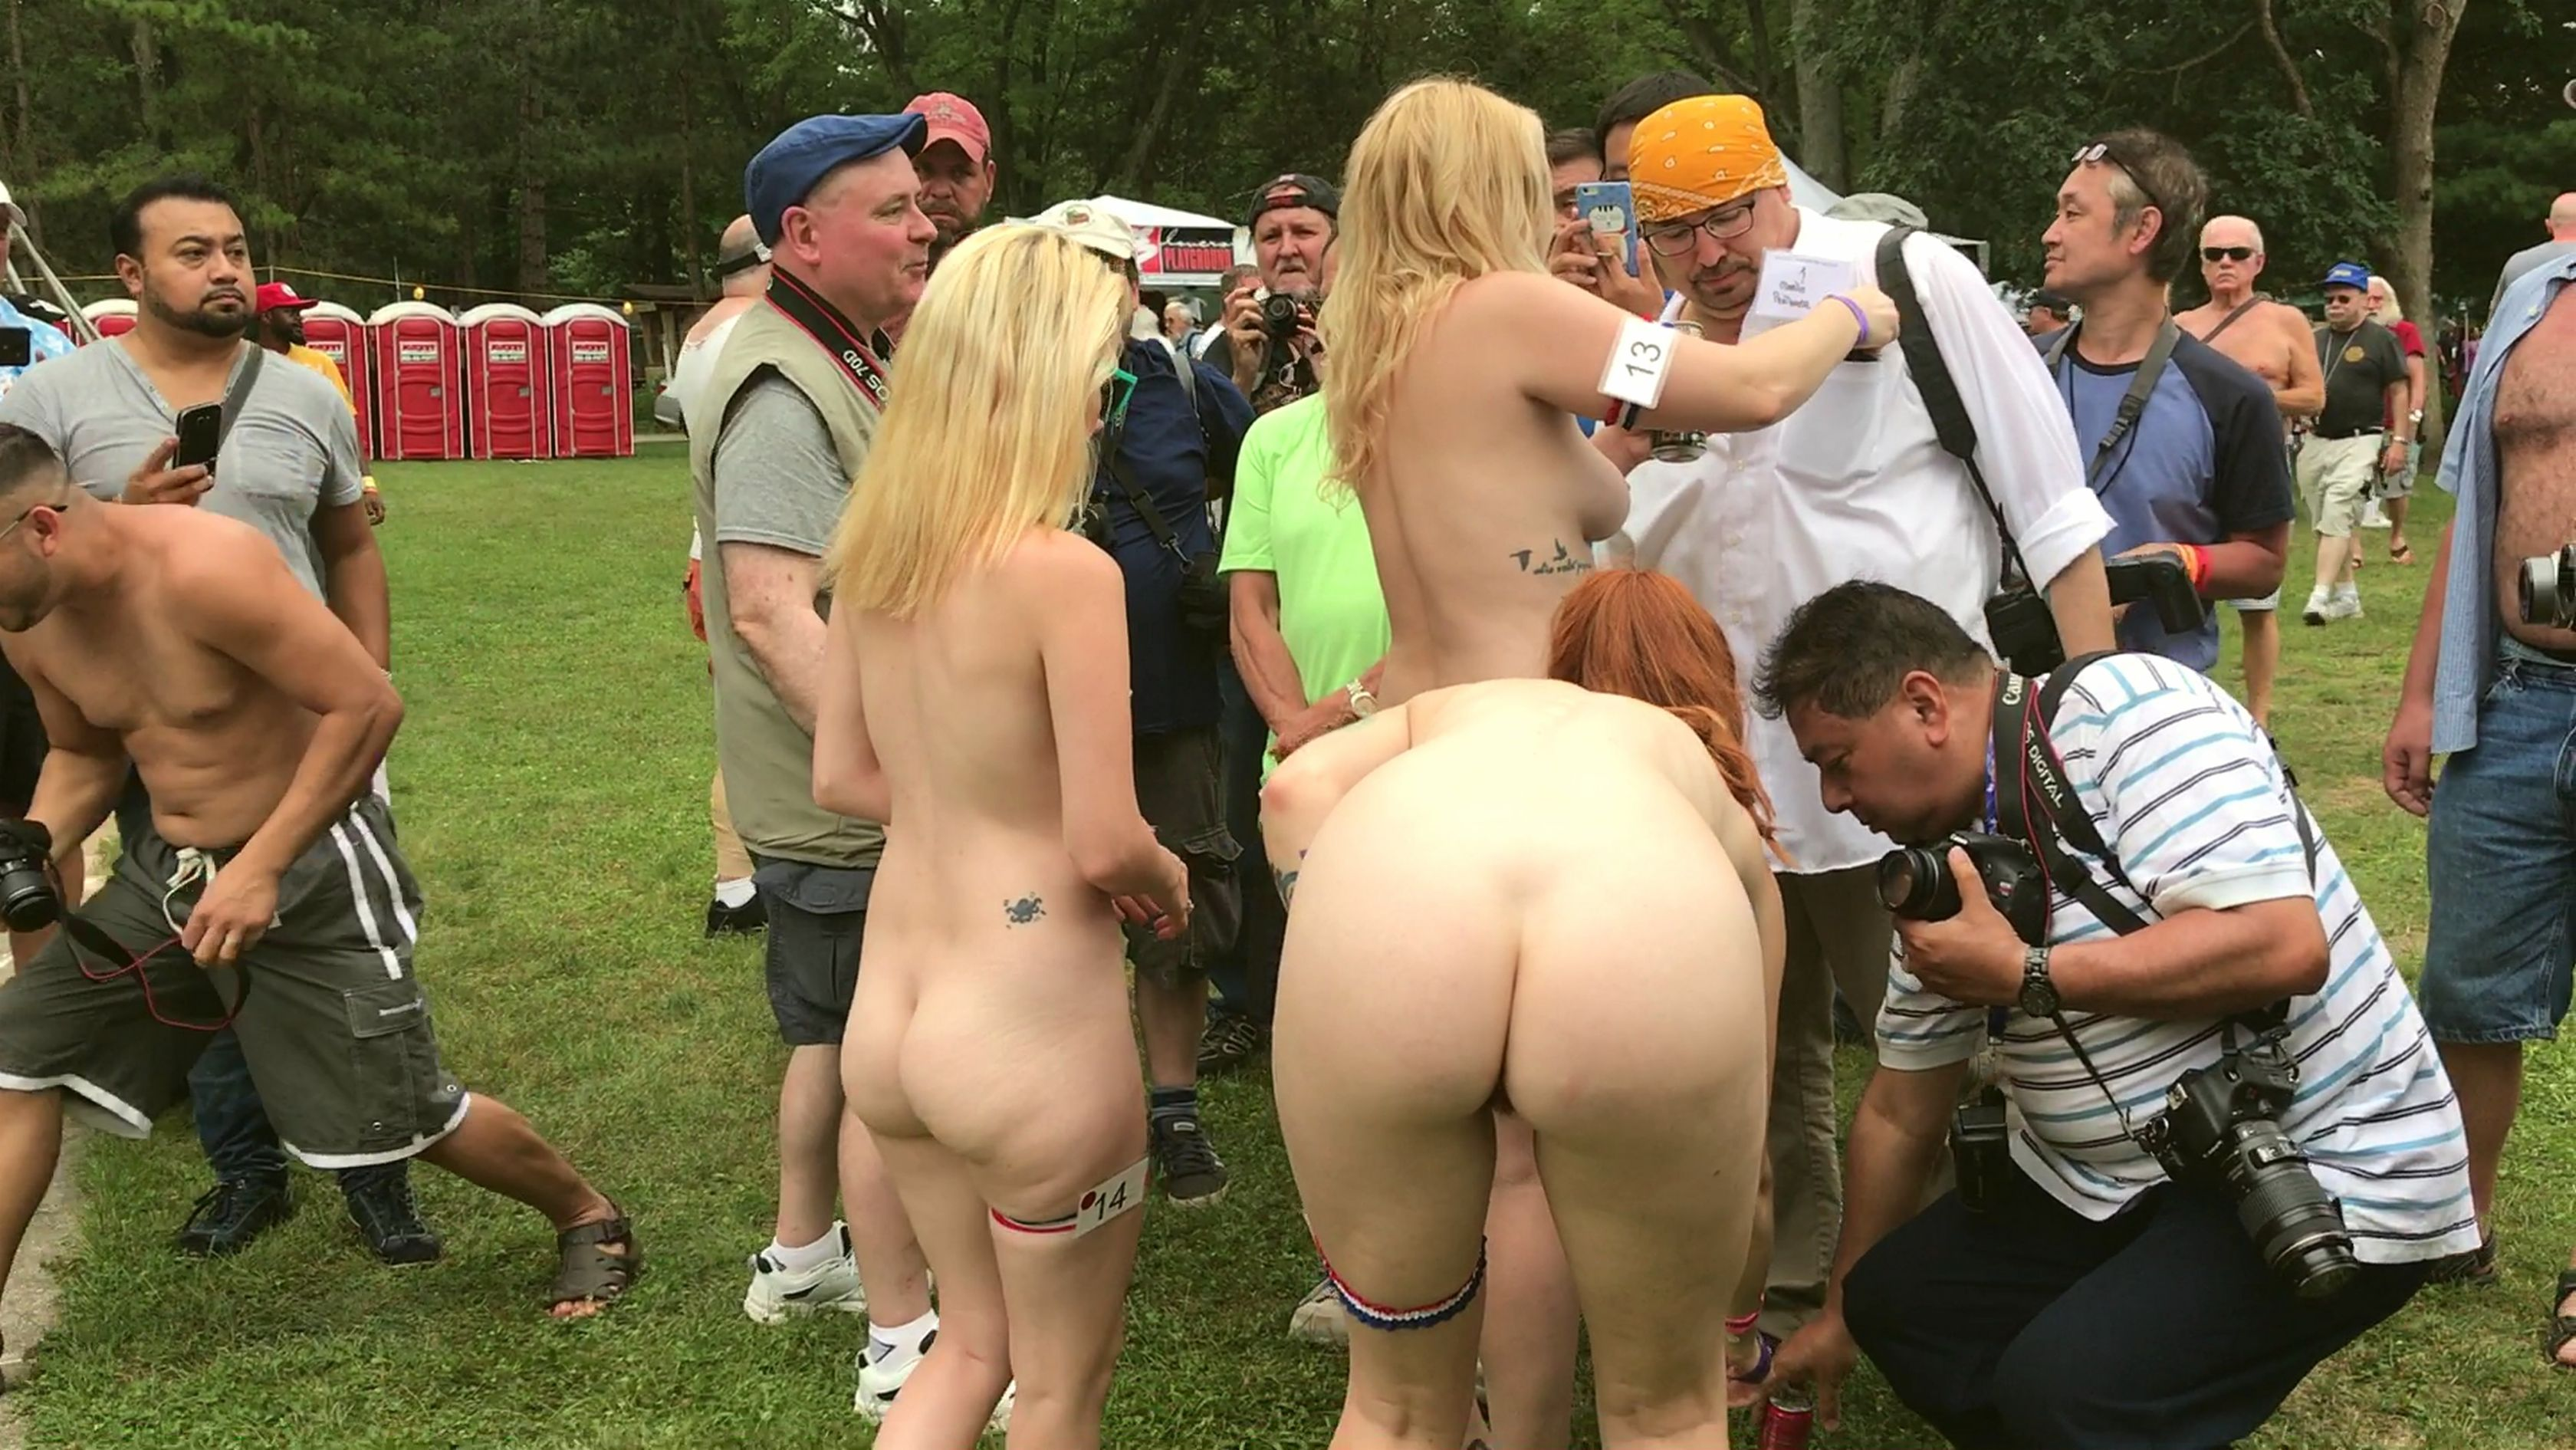 Femme gros seins nue en public imagesize:960×640